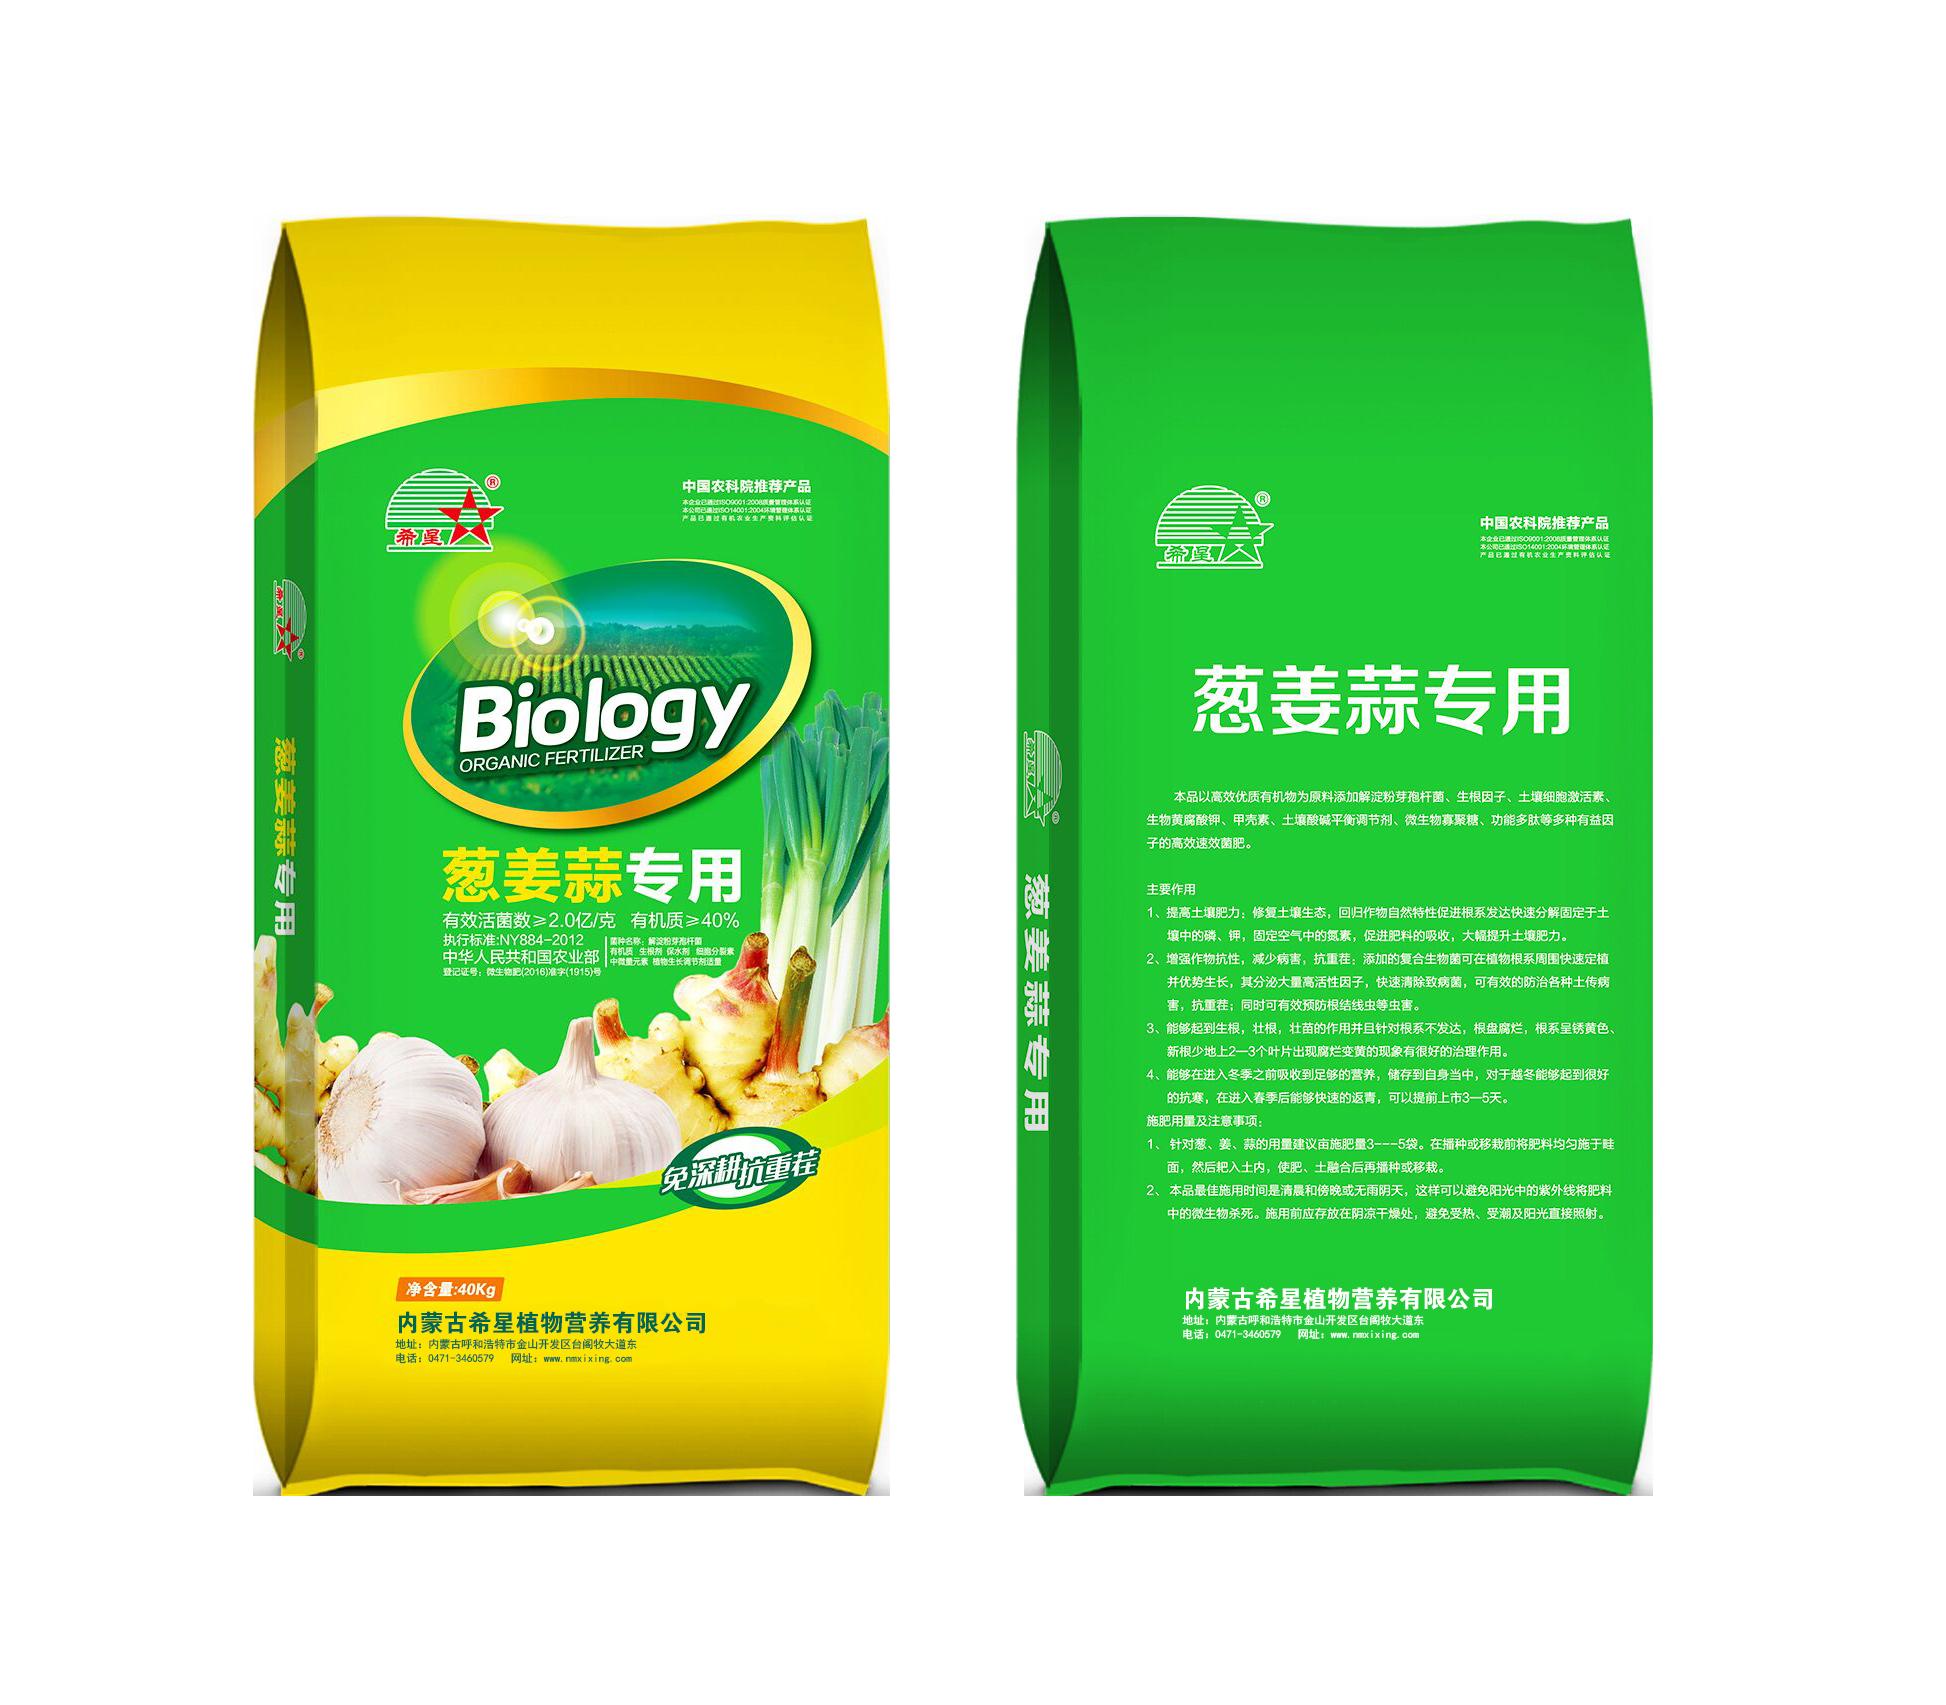 葱姜蒜专用有机肥